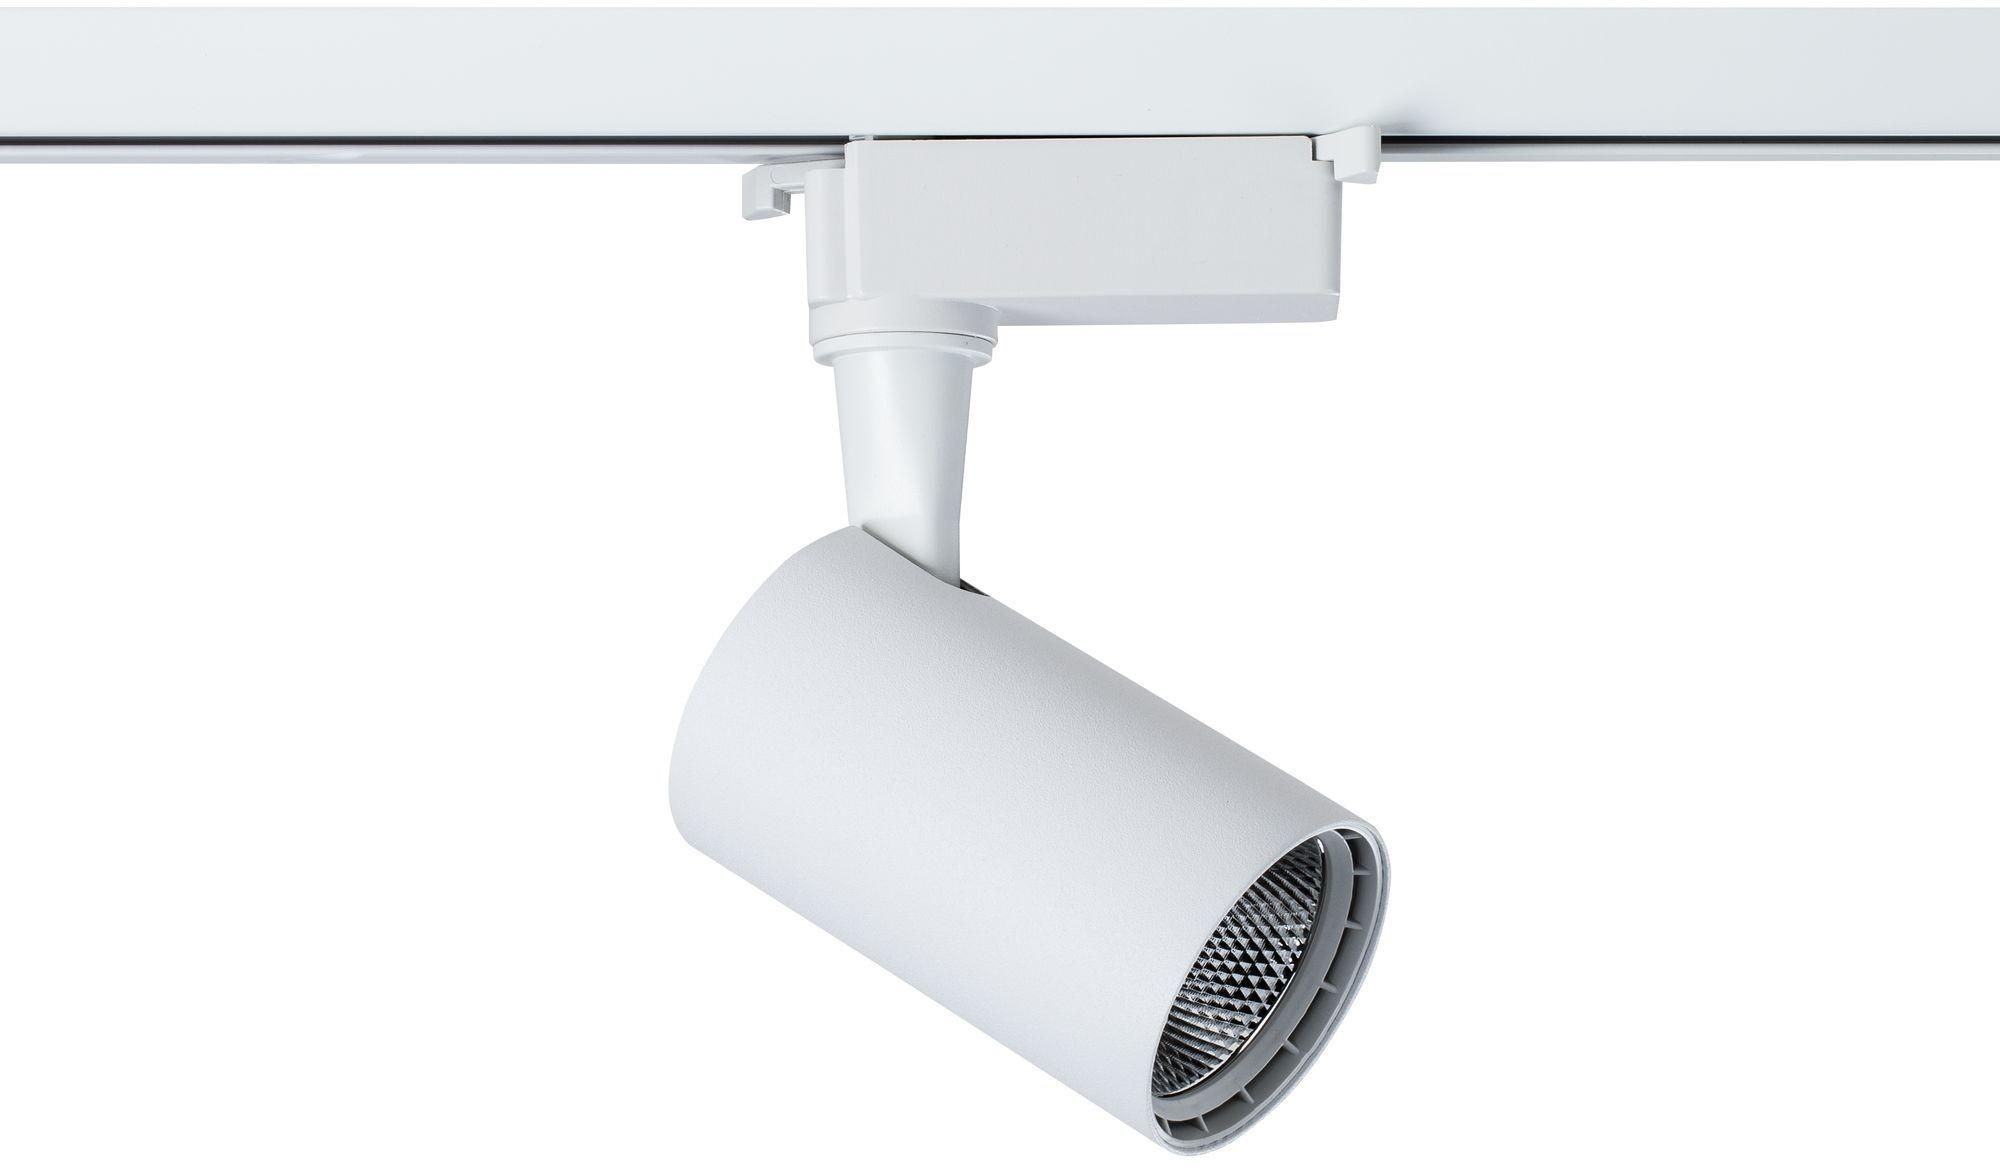 Maytoni TRACK TR003-1-6W3K-W Reflektor szynowy LED/450LM MYTR003-1-6W3K-W